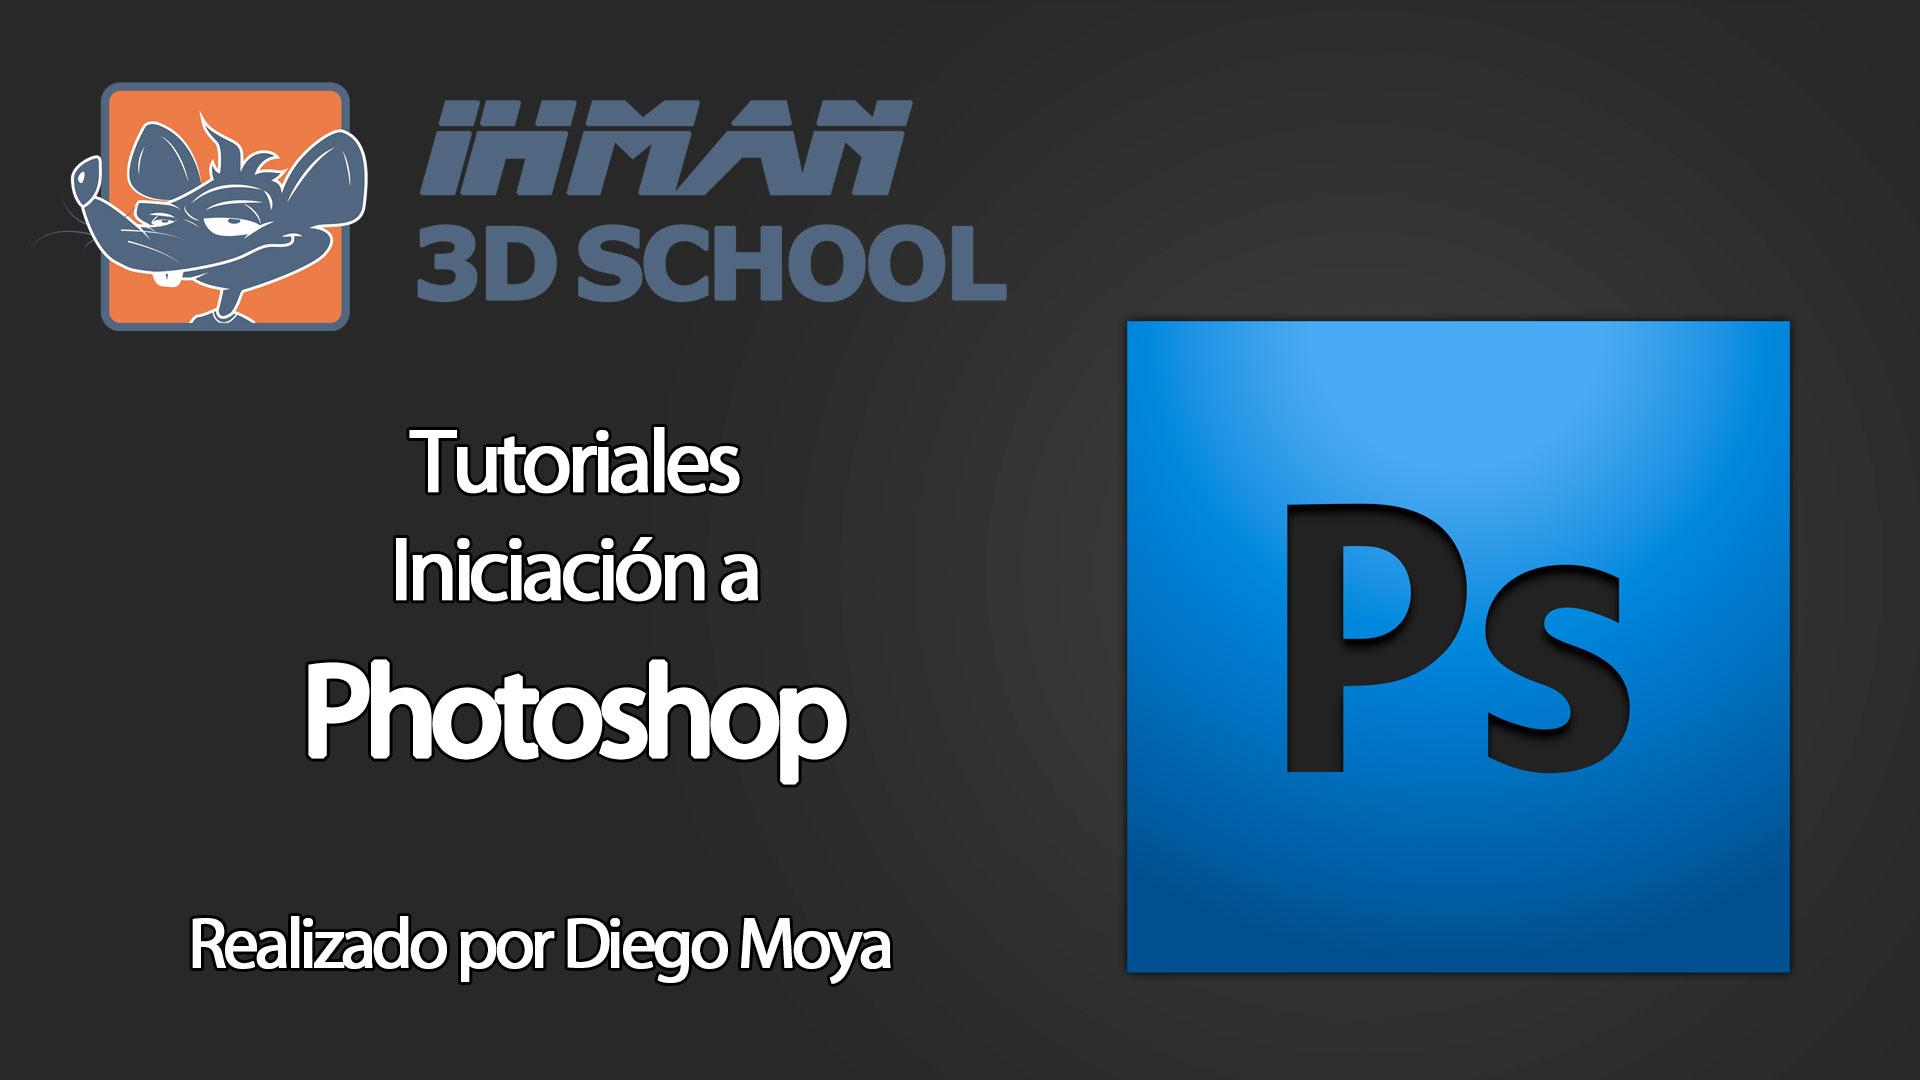 Presentación ihman 3d school-cabecera_photoshop.jpg